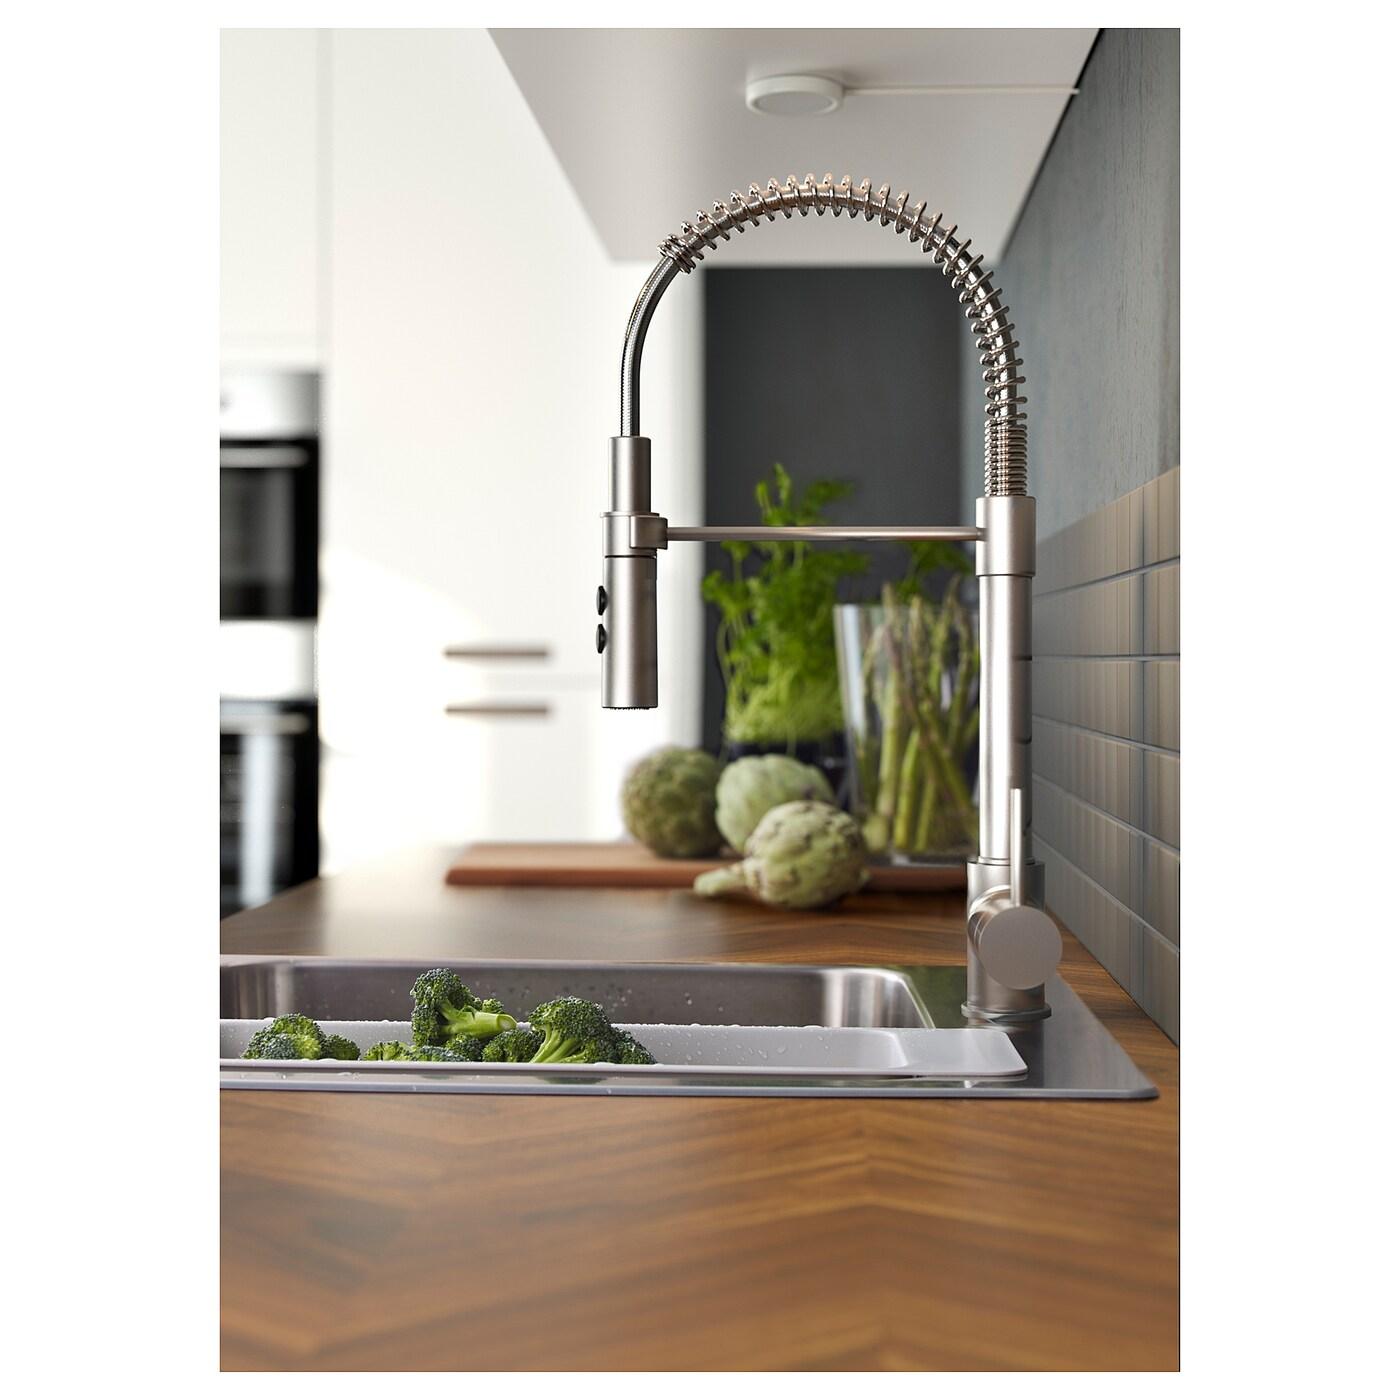 VIMMERN konyhai kevcsap/kézizuhany rozsdamentes acélszín 47 cm